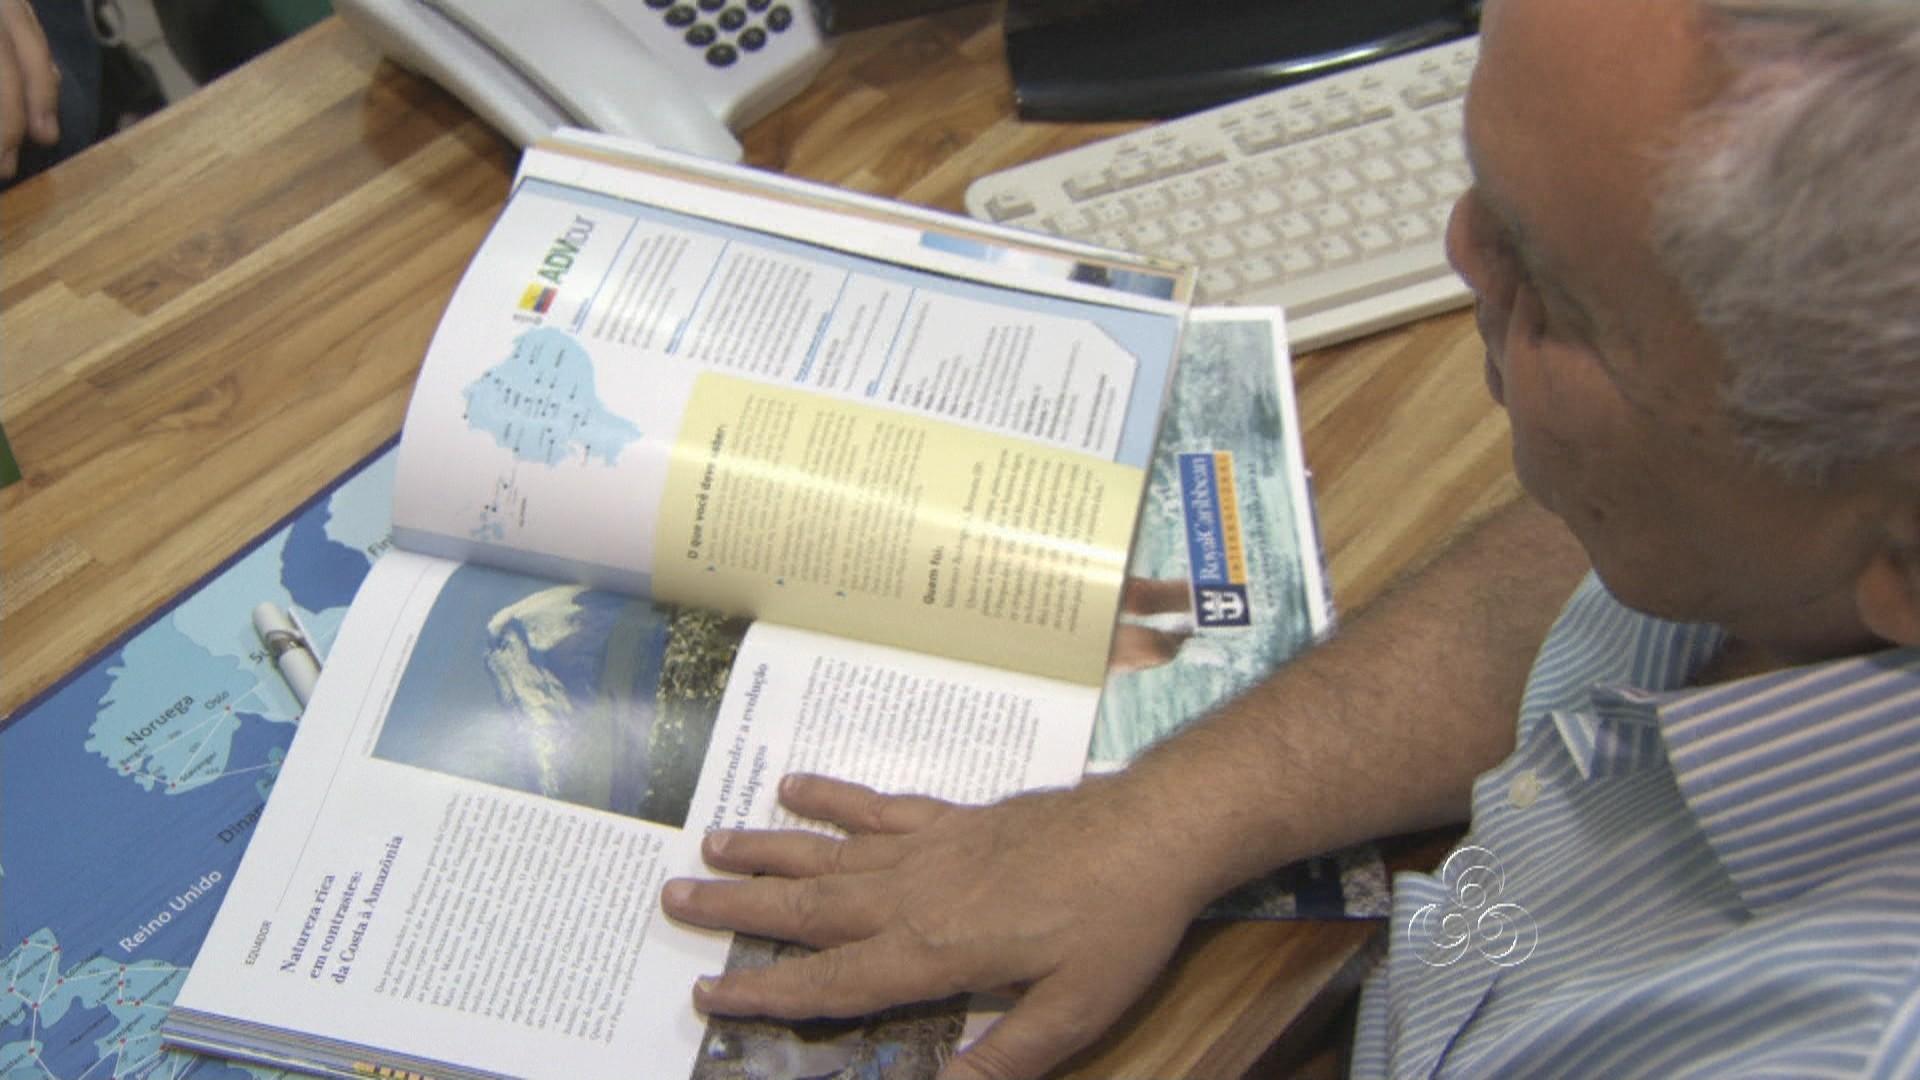 A procura por pacotes de viagens cresce no período de férias (Foto: Jornal do Amazonas)